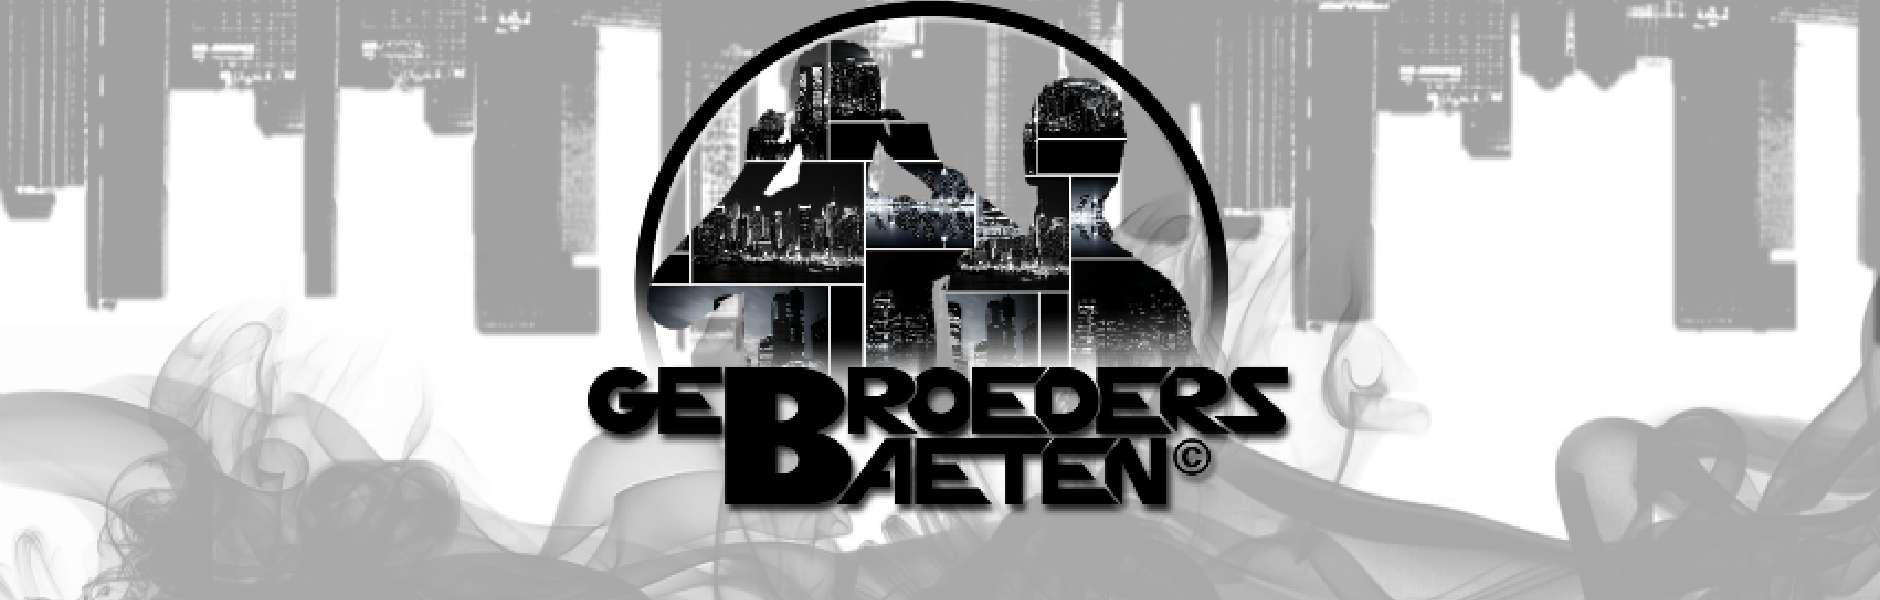 Gebroeders Baeten